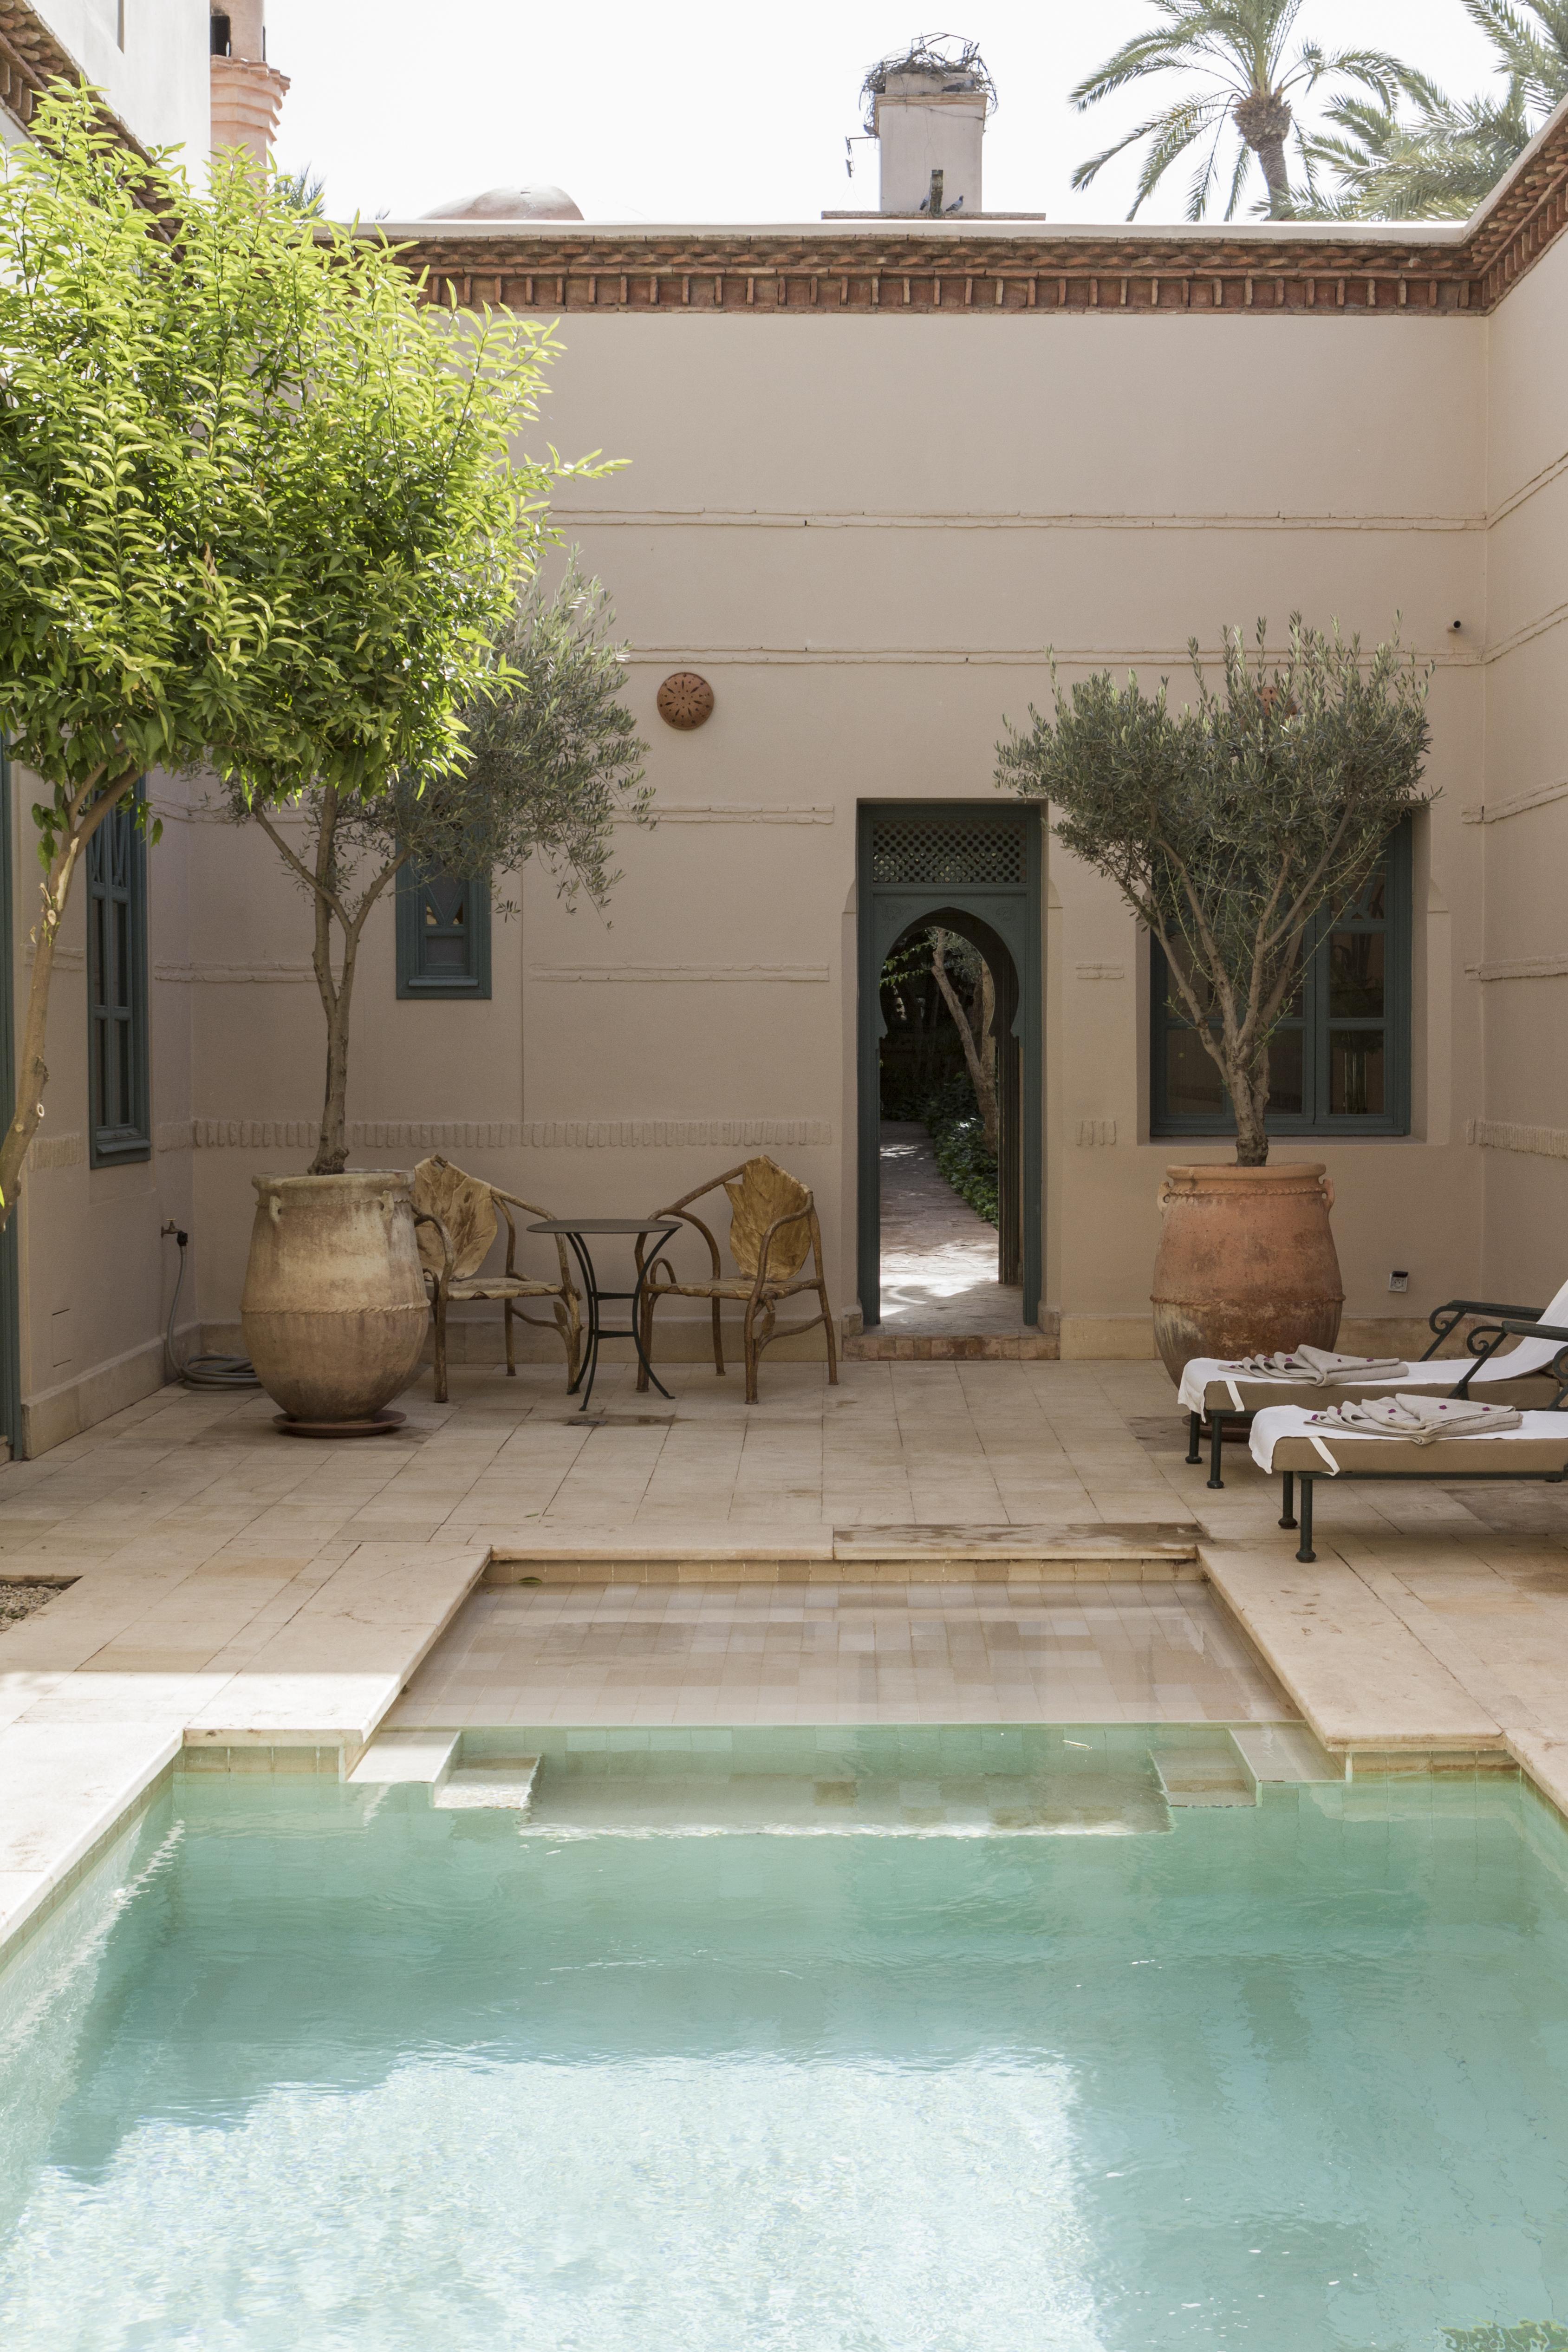 Les Deux Tours, Marrakech